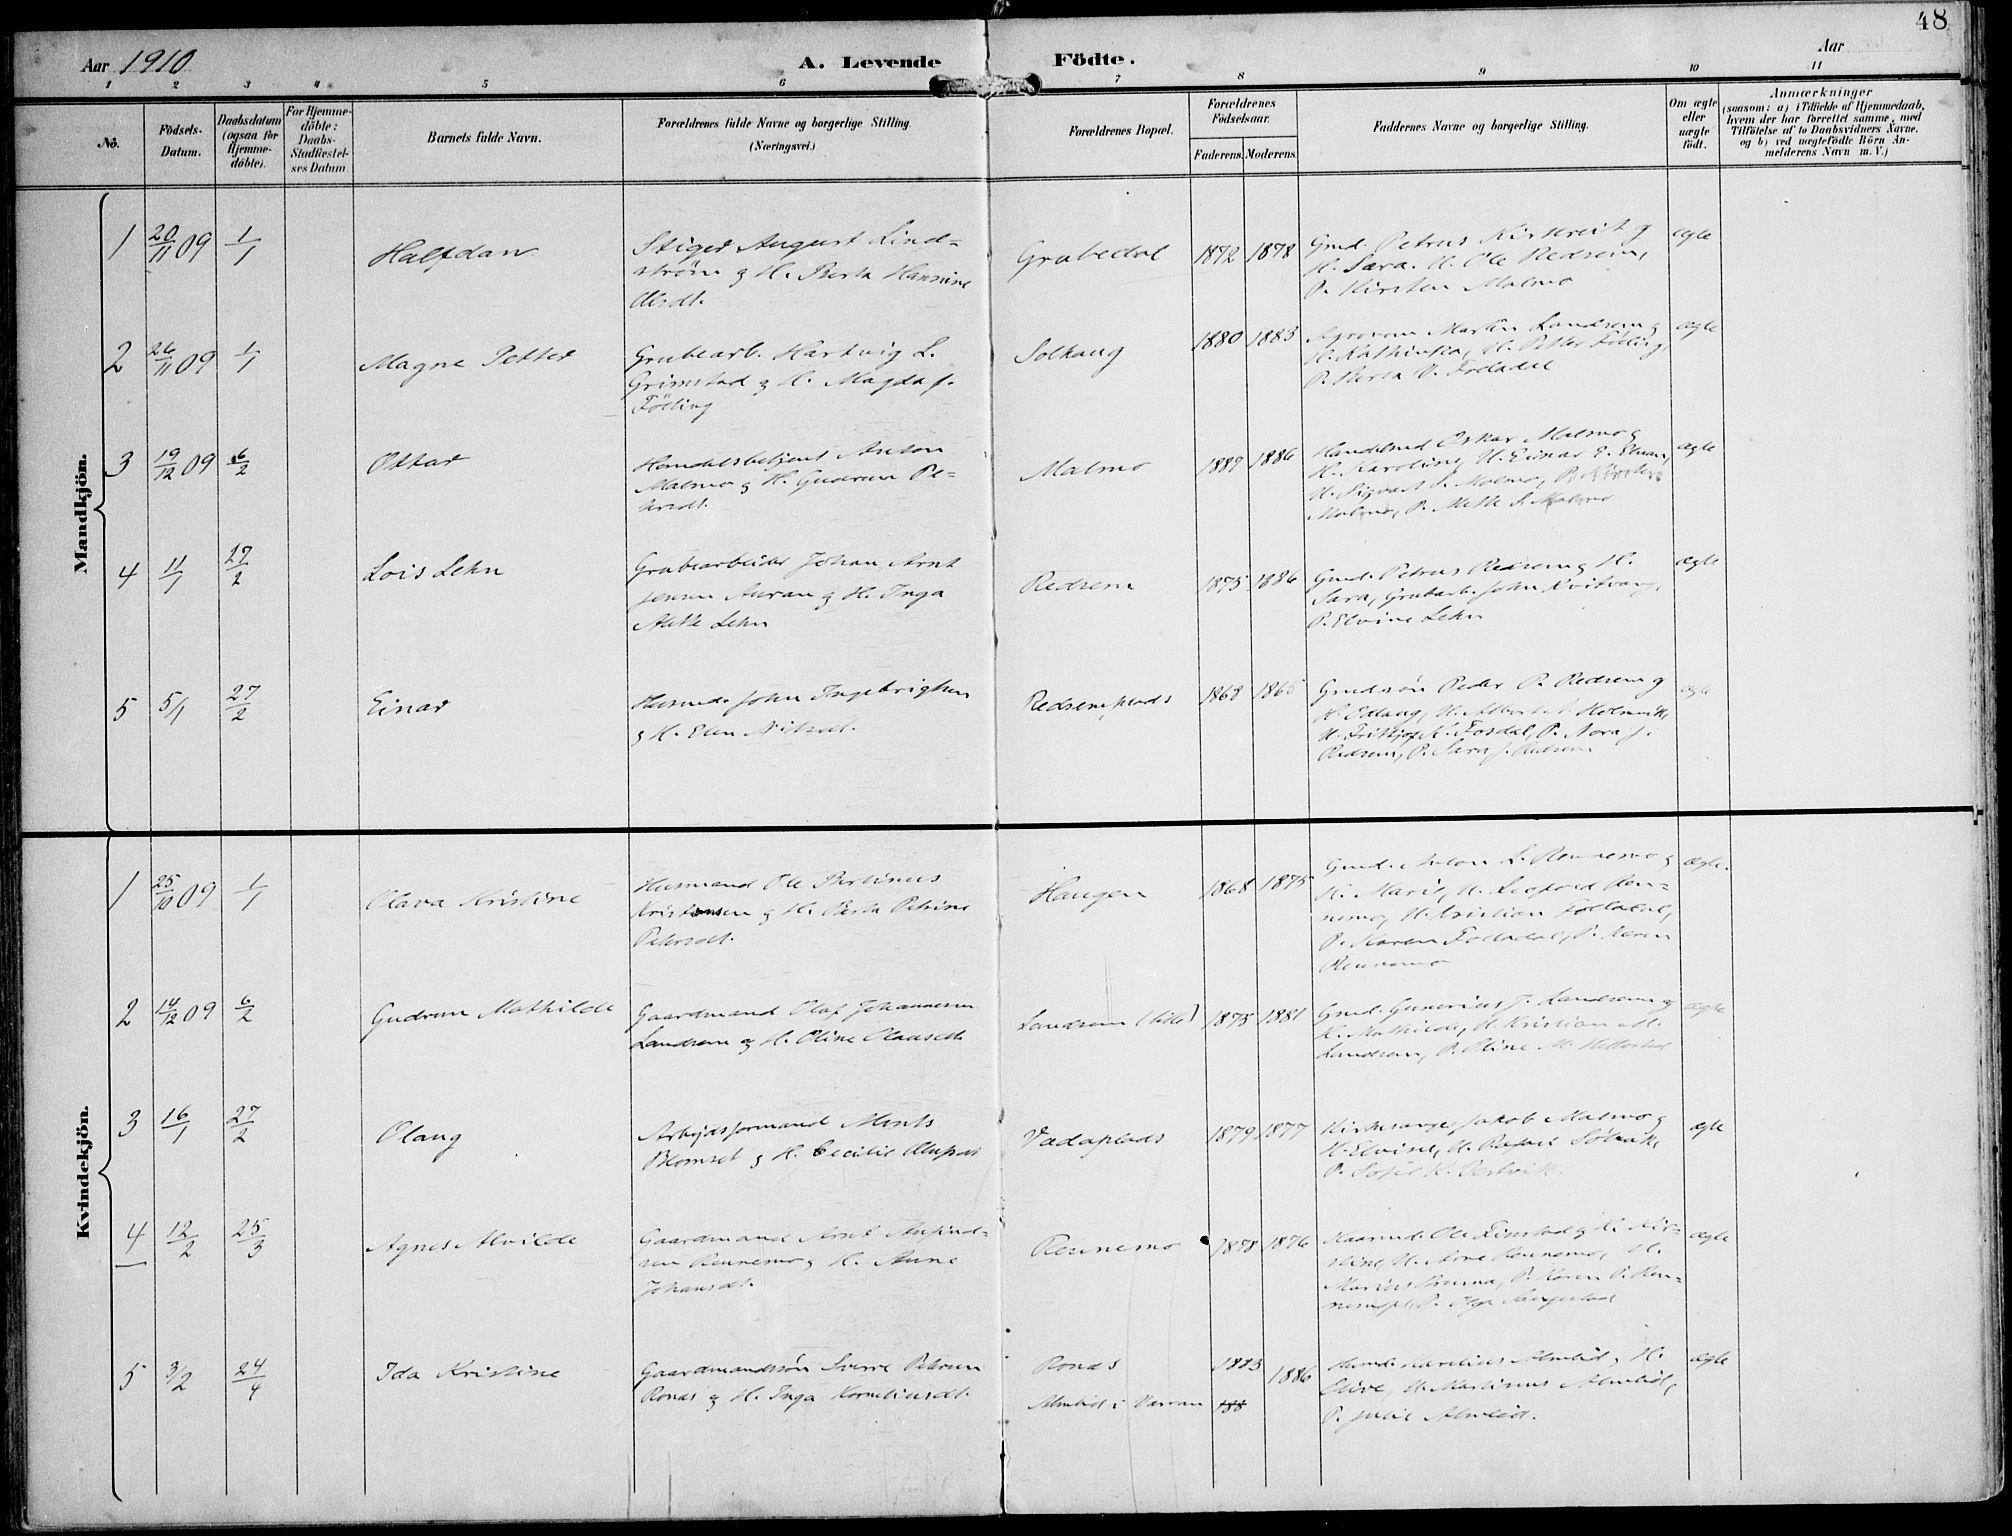 SAT, Ministerialprotokoller, klokkerbøker og fødselsregistre - Nord-Trøndelag, 745/L0430: Ministerialbok nr. 745A02, 1895-1913, s. 48